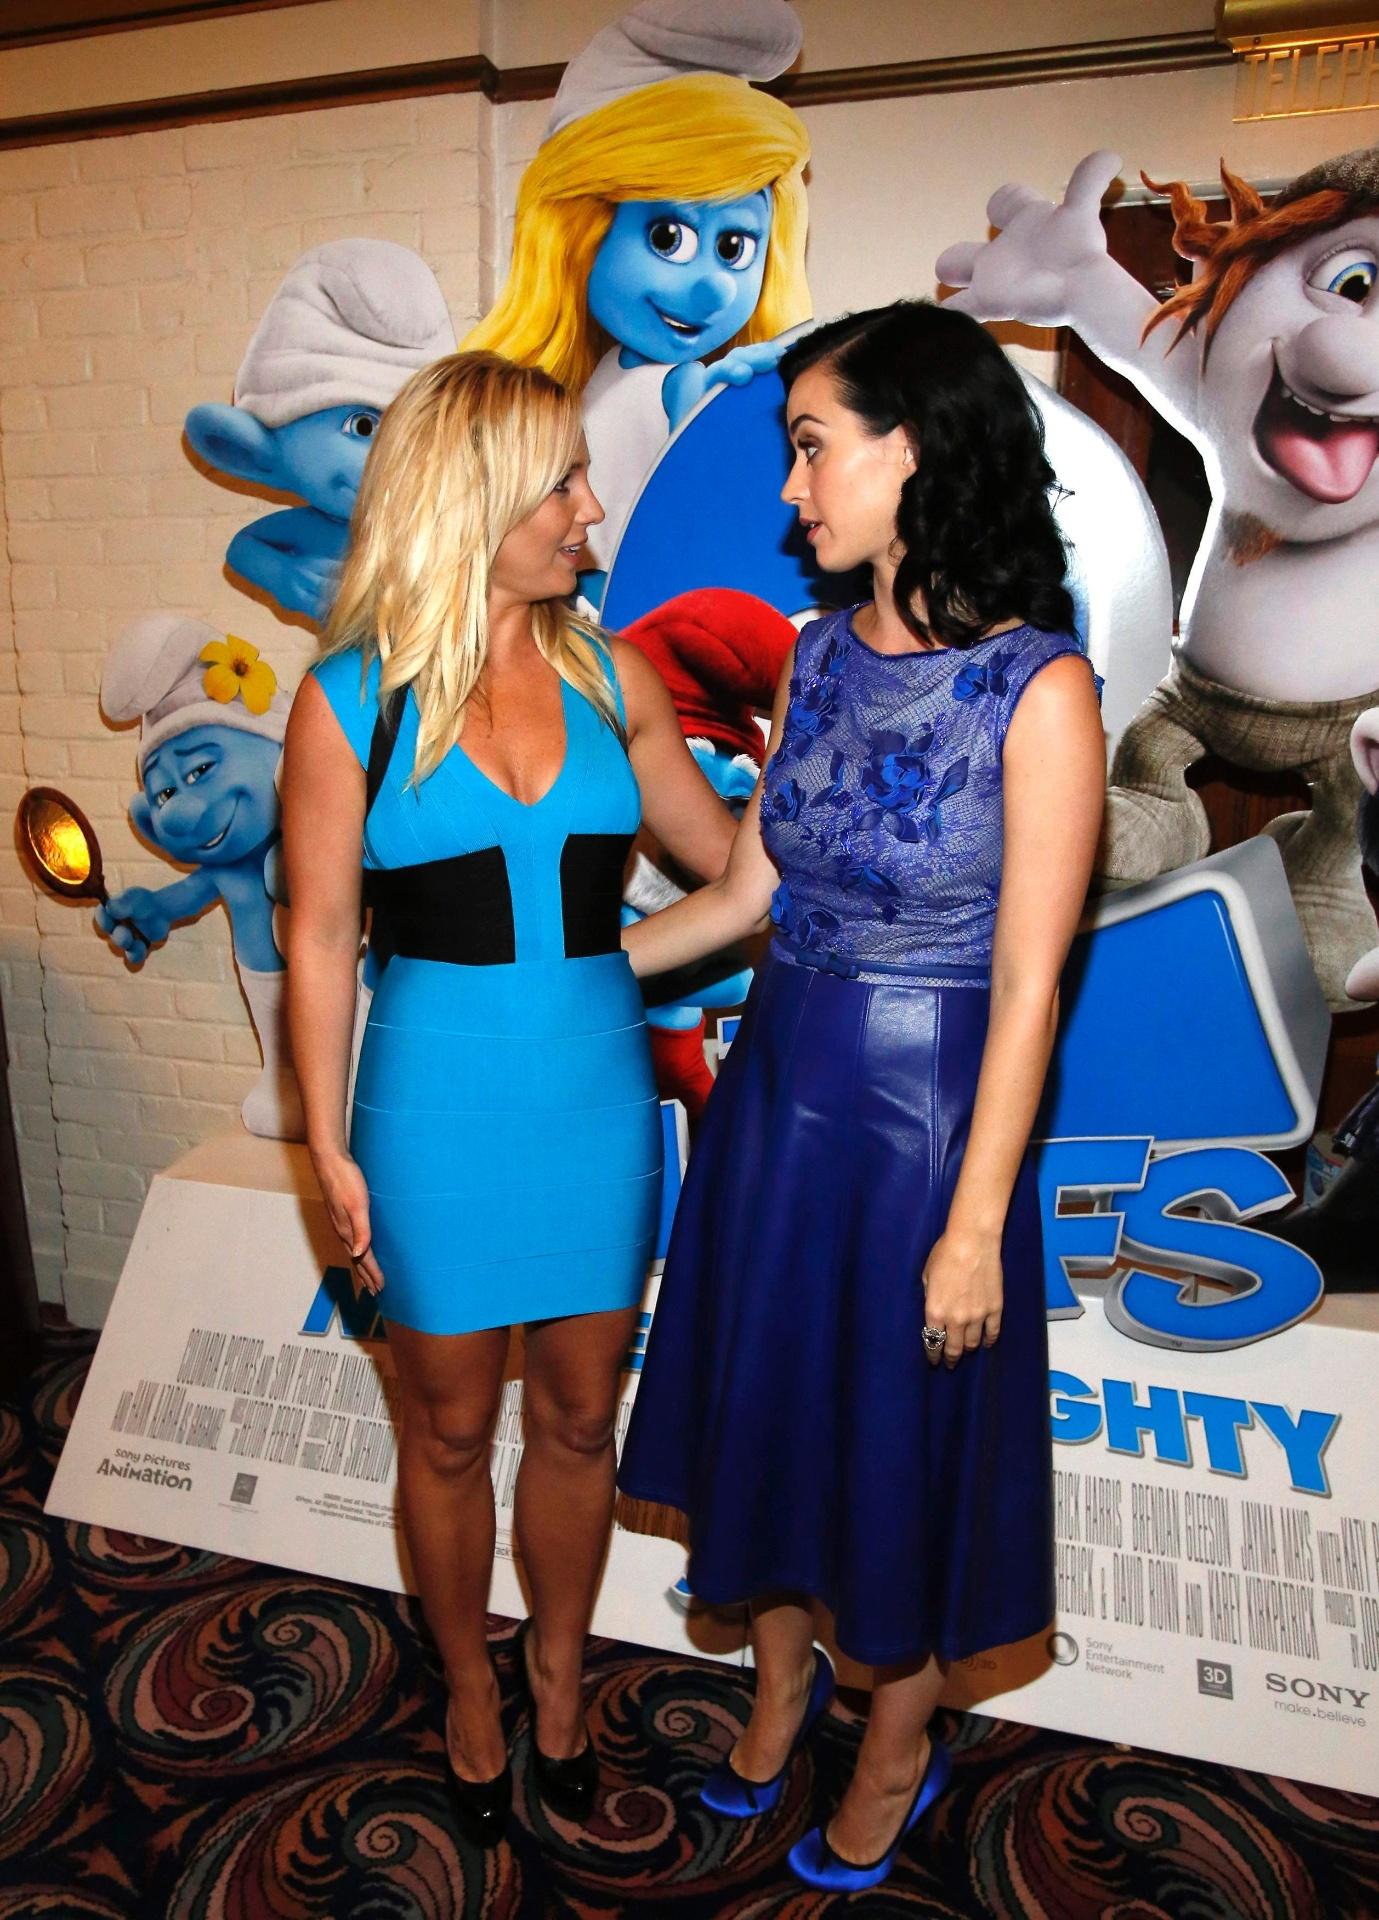 28.jul.2013 - As cantoras Britney Spears e Katy Perry se encontraram na pré-estreia do filme